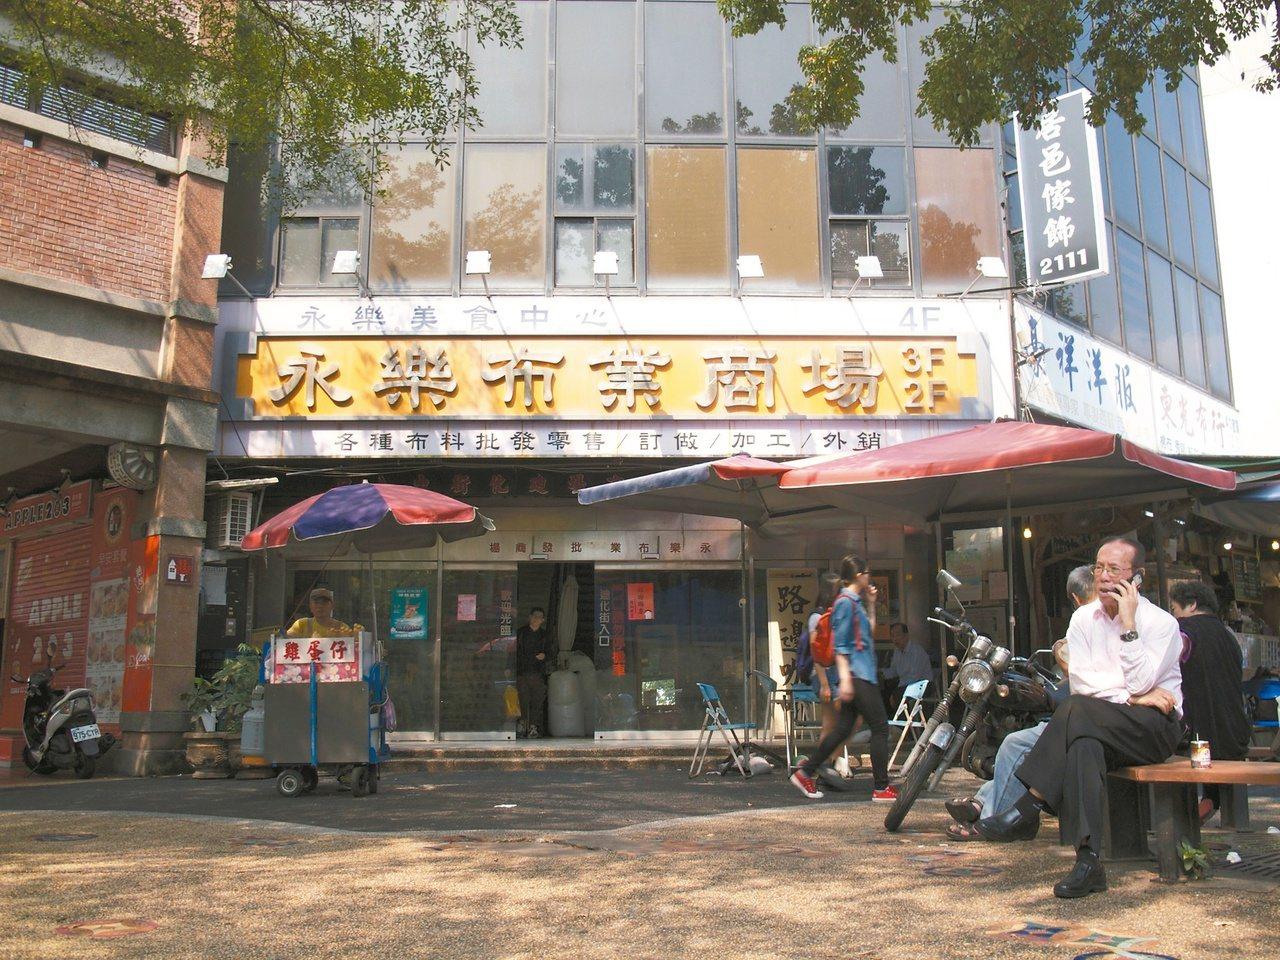 大稻埕內的永樂市場,吸引許多民眾假日來買布。 記者郭逸君/攝影